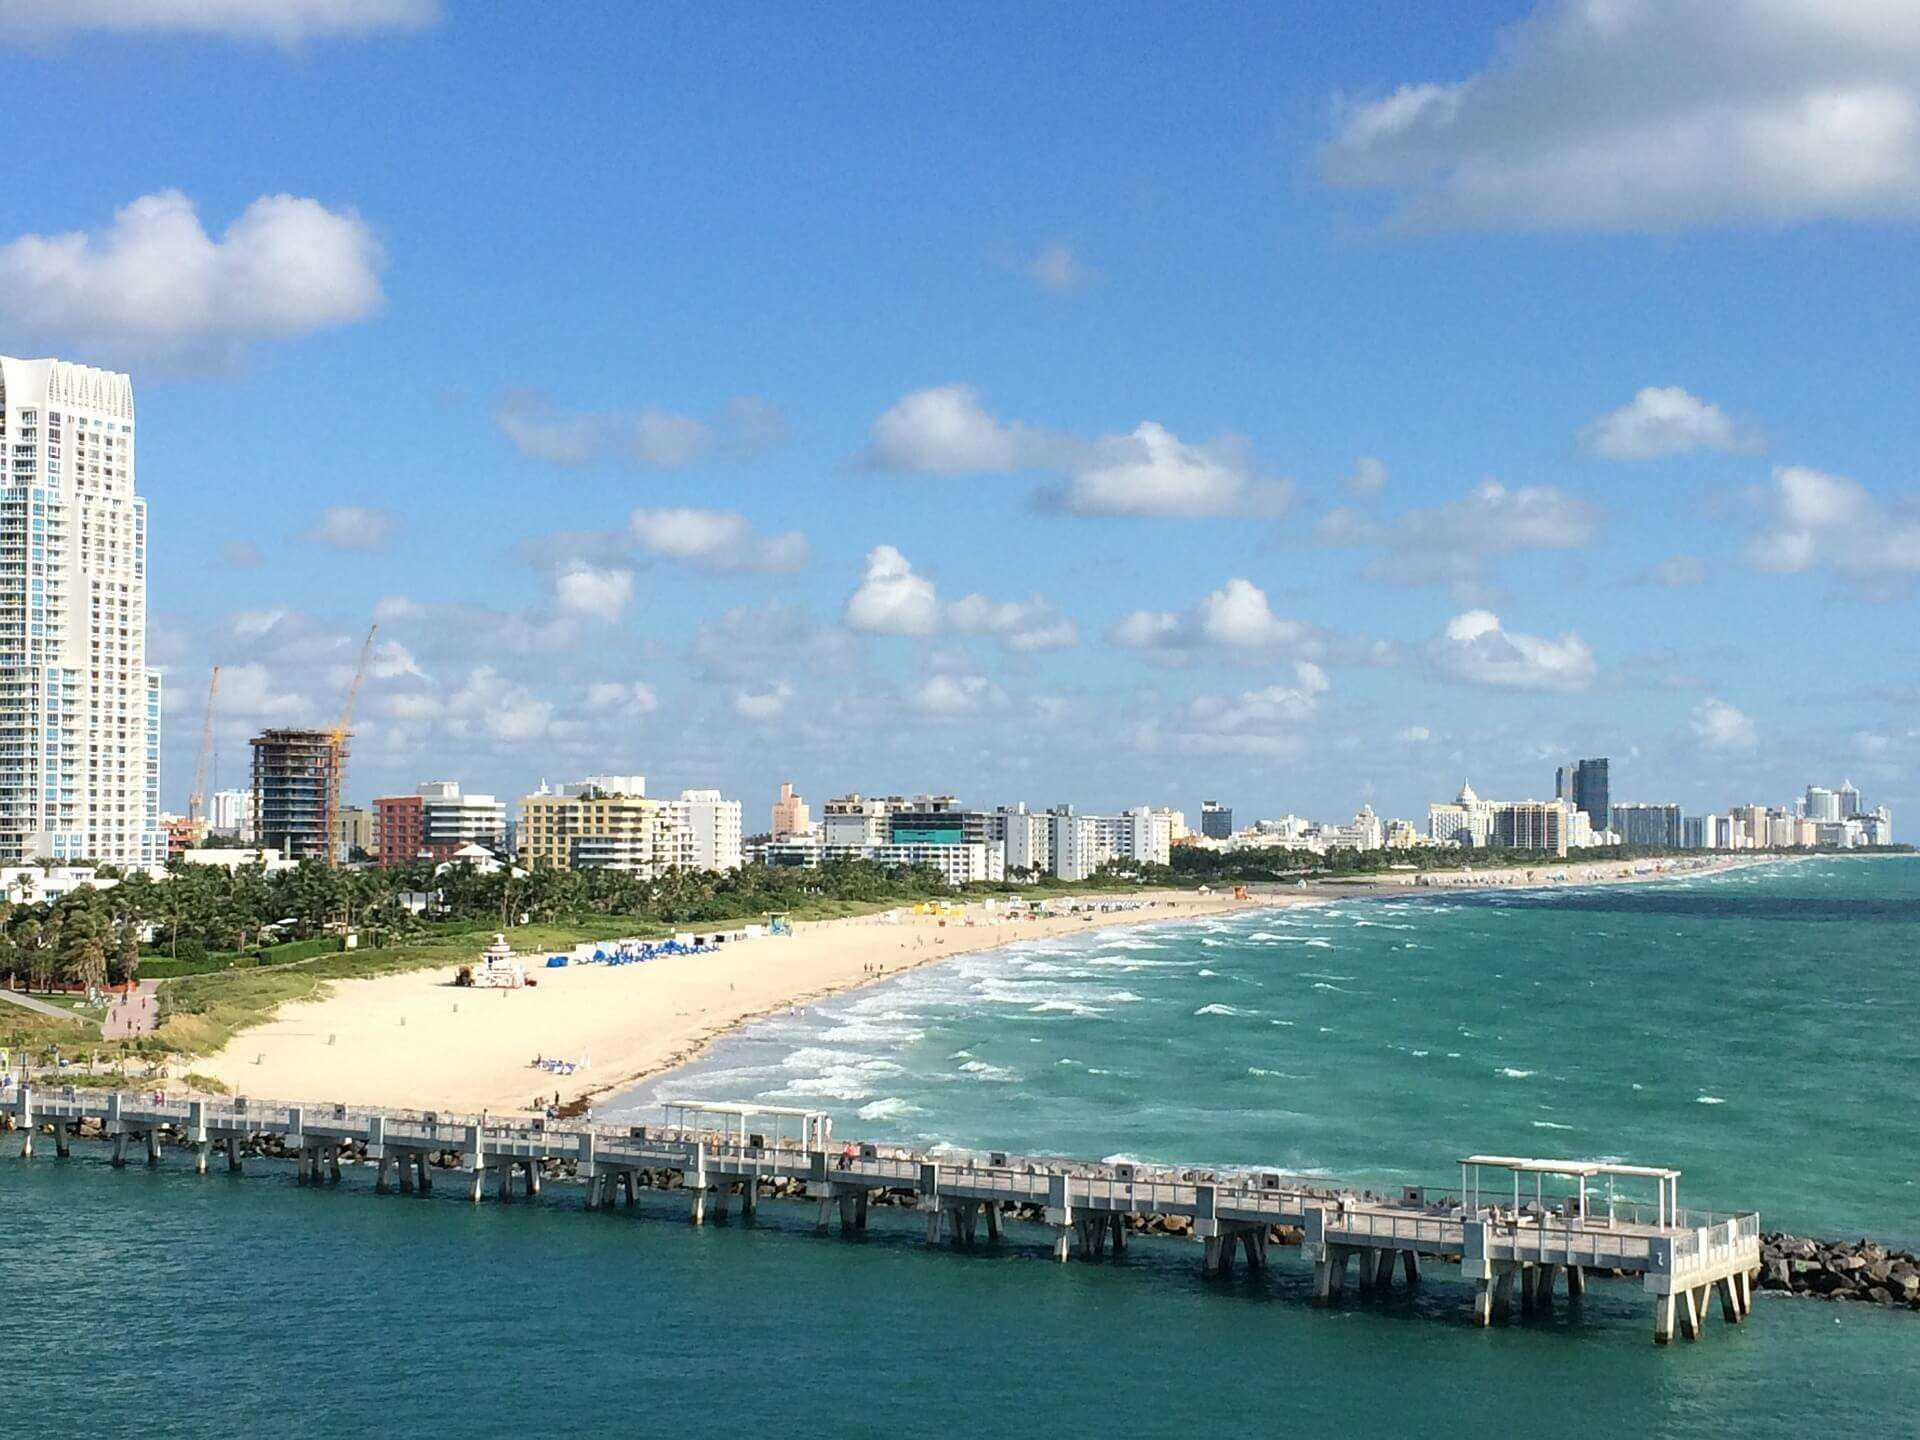 Direktflüge und Billigflüge ab München nach Miami